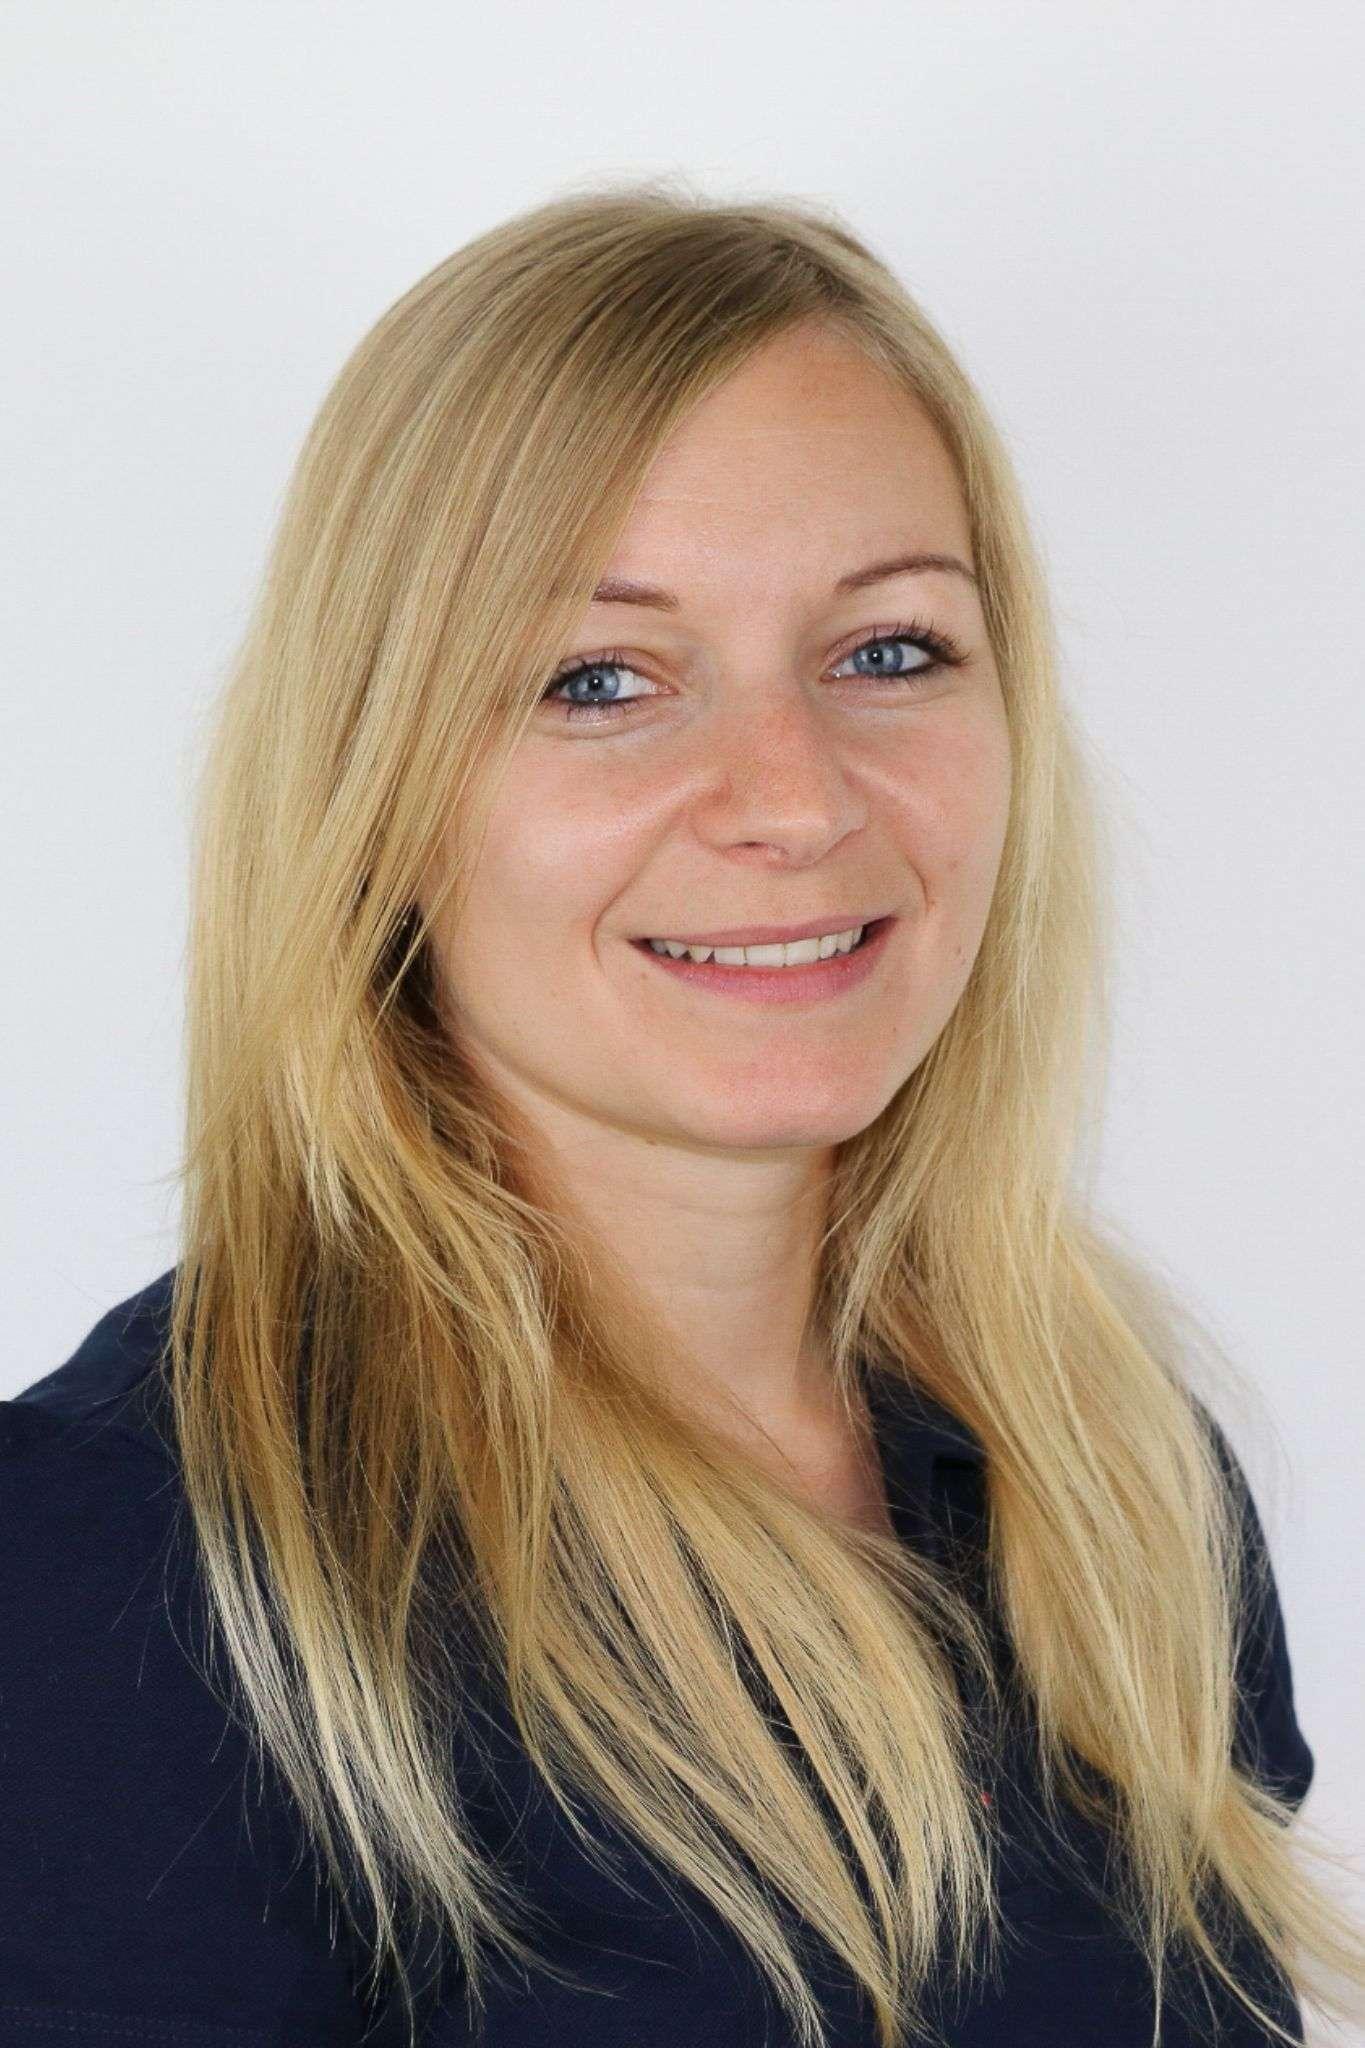 Marina Aeschlimann